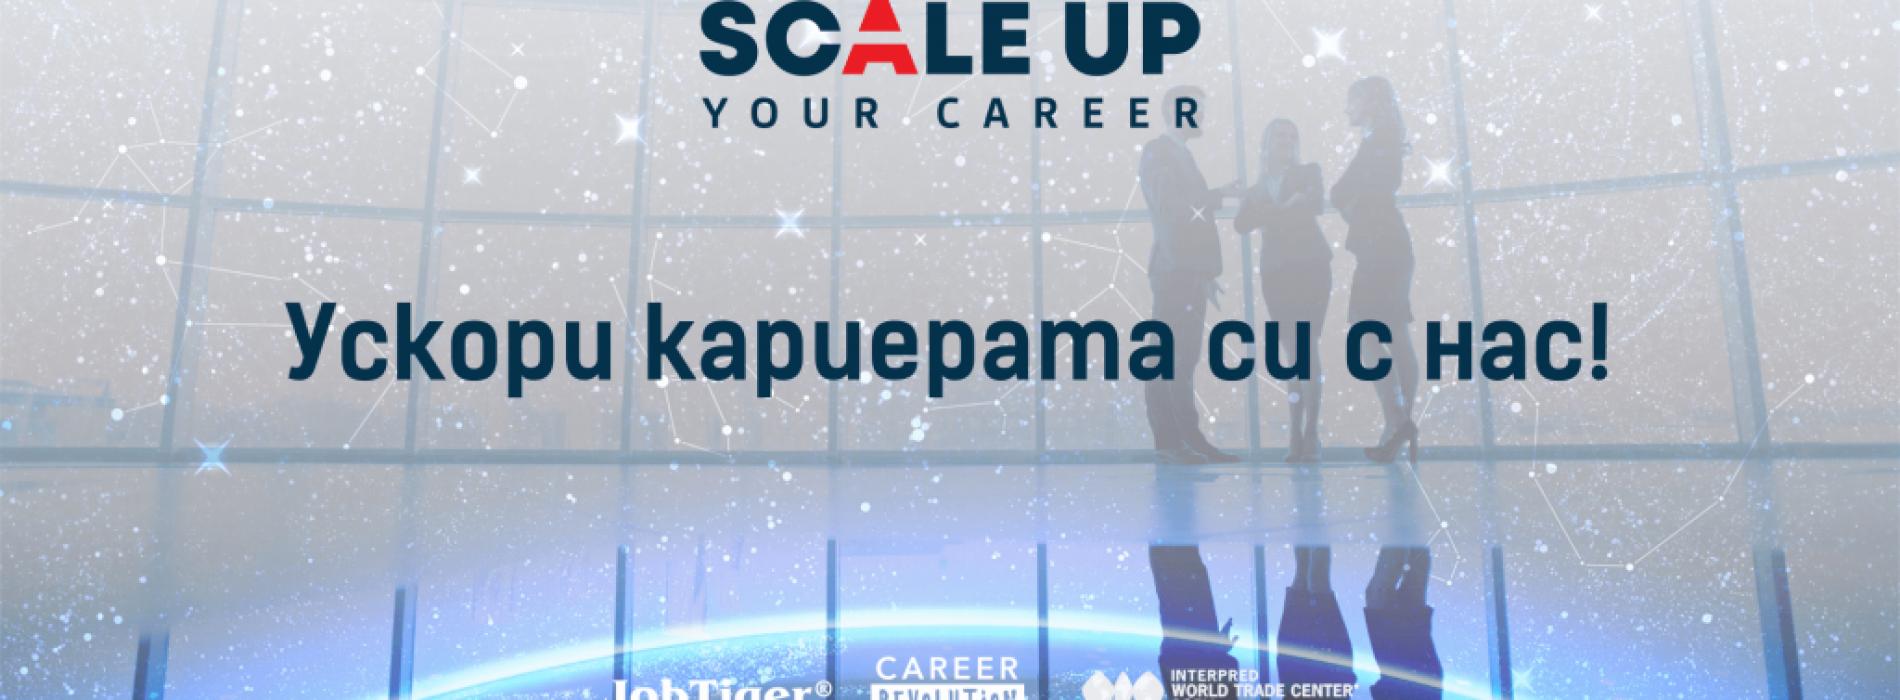 Единствената по рода си конференция за кариерно преориентиране и предварителен подбор в България – SCALE UP Your Career, организирана от JobTiger и Career Guide, ще събере бизнеса и търсещите работа през септември